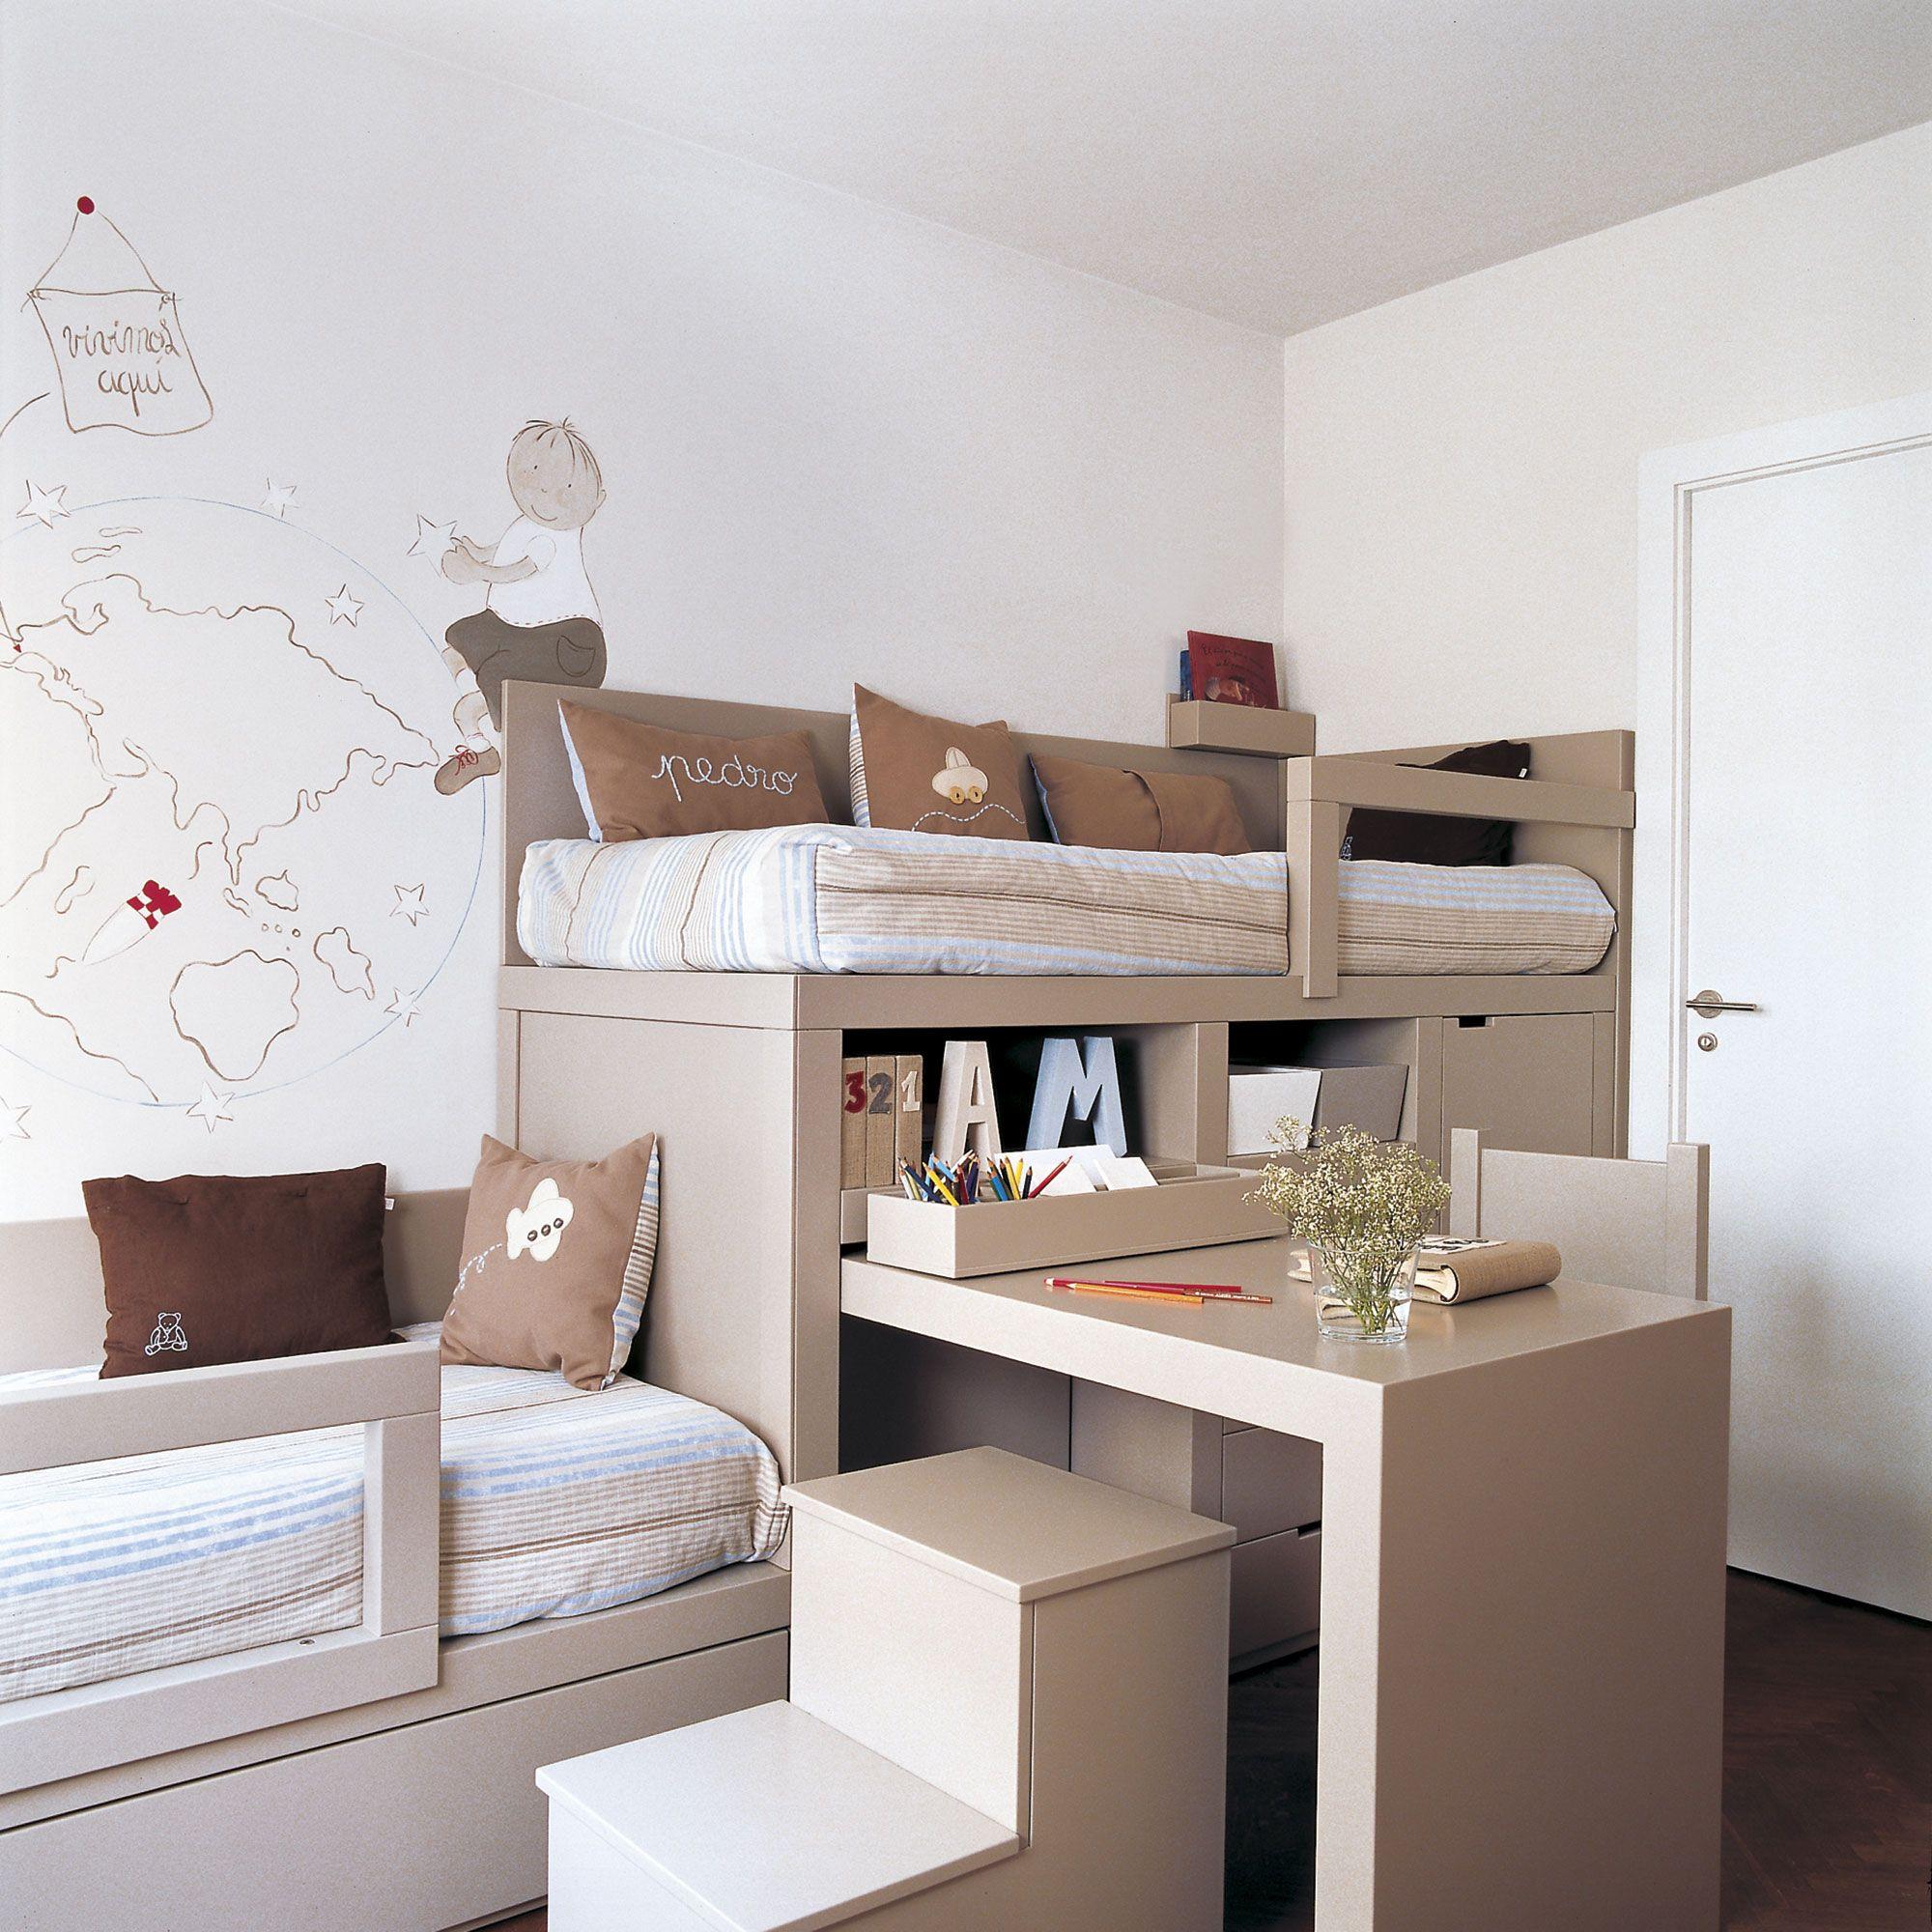 Habitaci n infantil con un mueble a medida con dos camas y escritorio habita gabai pinterest - Muebles habitacion infantil ...